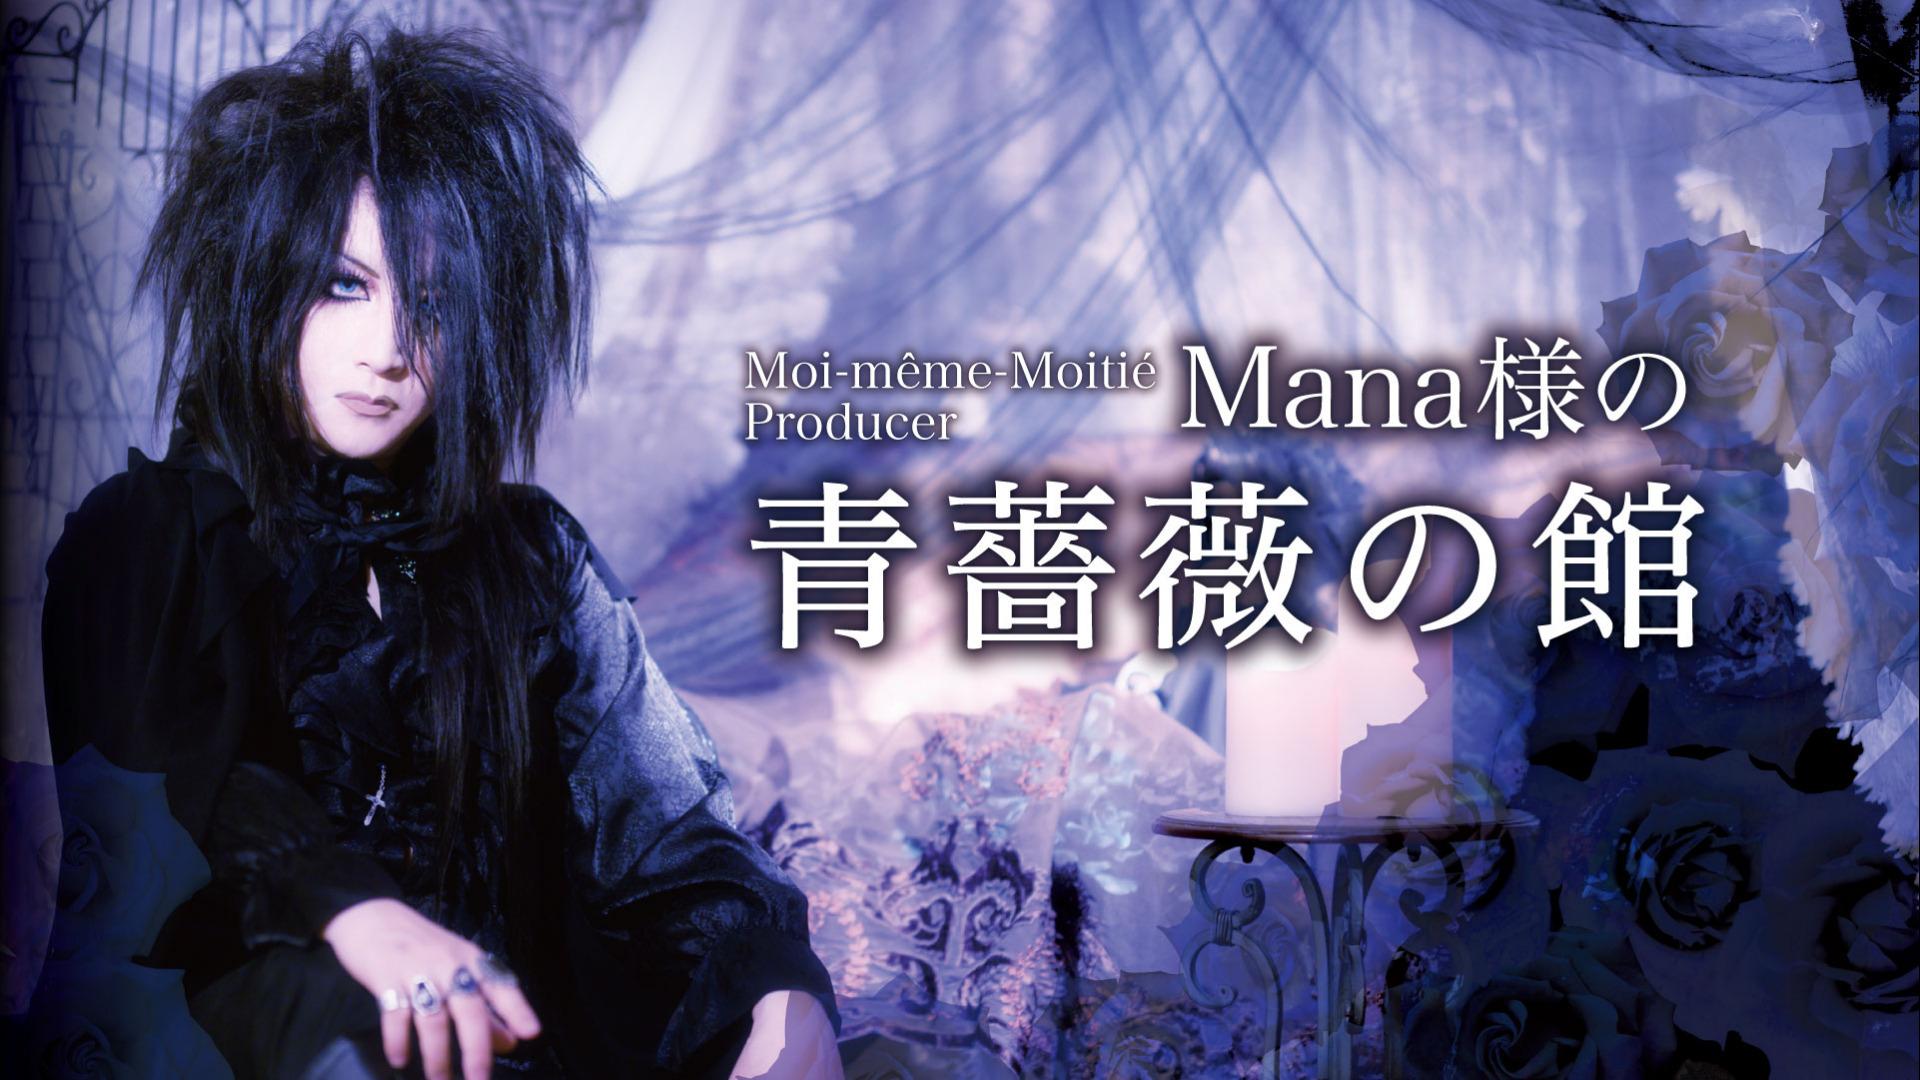 Mana様の青薔薇の館